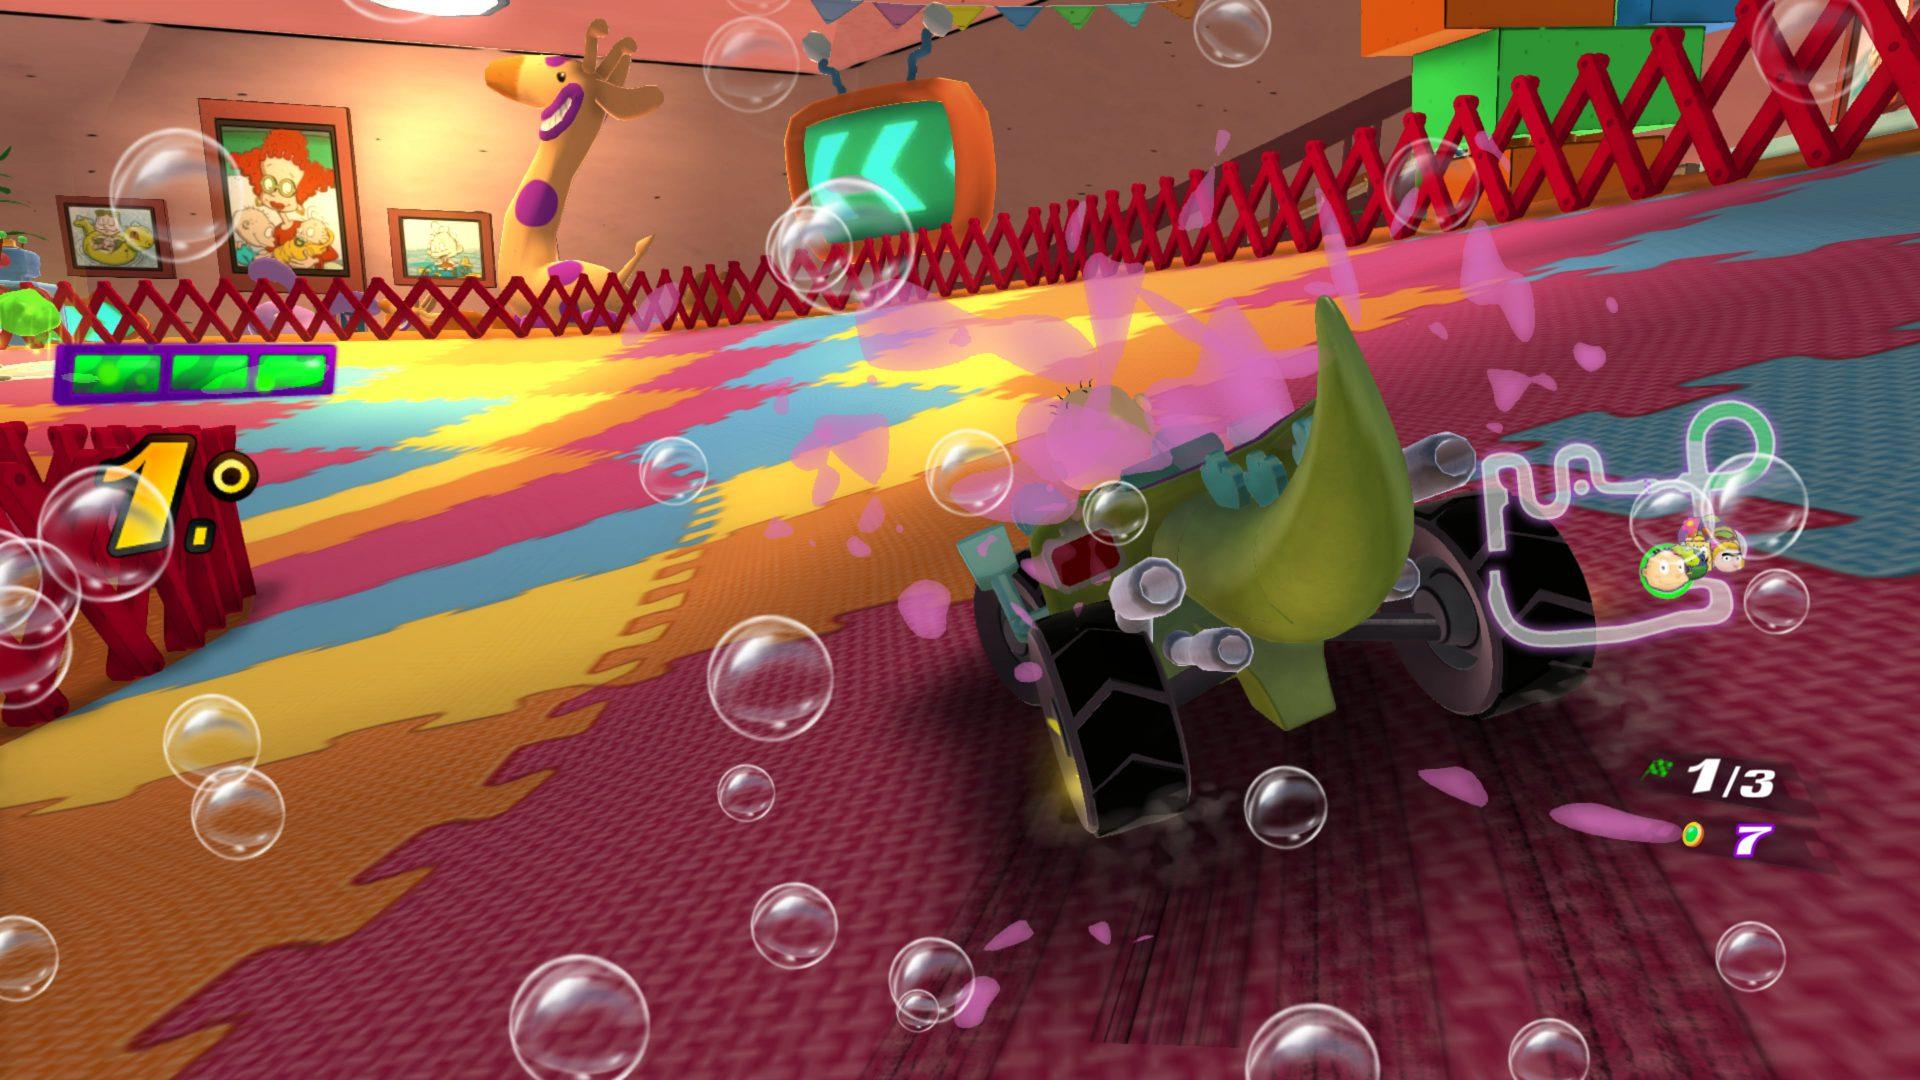 Análisis de Nickelodeon Kart Racers - Analizamos para Xbox One Nickelodeon Kart Racers un juego enfocado para los más pequeños de la casa.